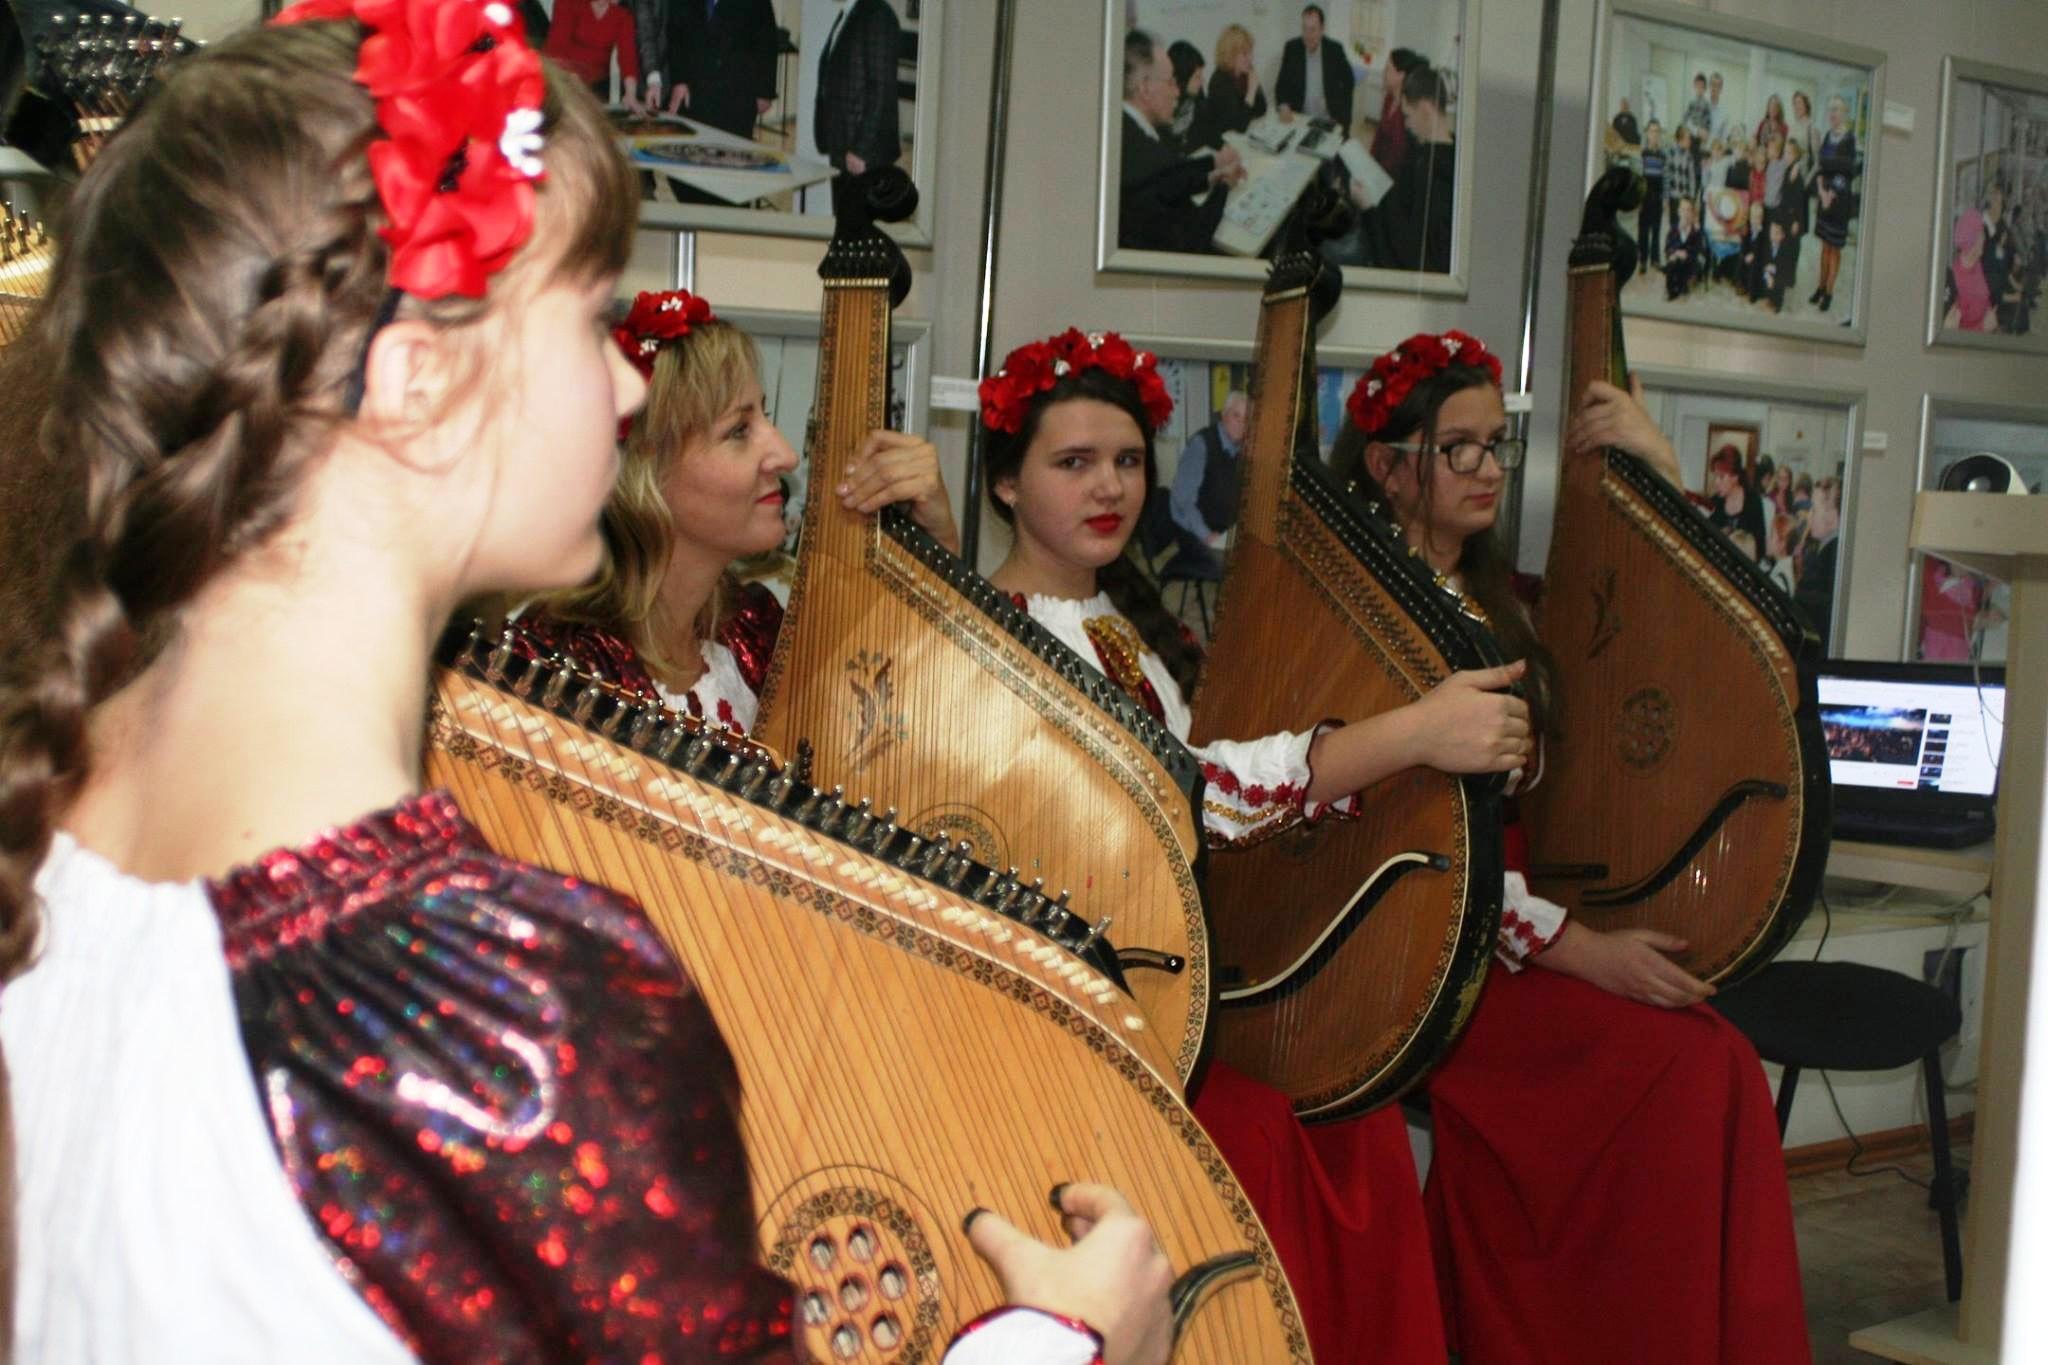 Unser Foto zeigt die fünf junge Musikerinnen, die traditionelle ukrainische Saiteninstrumente spielen, in der Geschichtswerkstatt Charkiw.